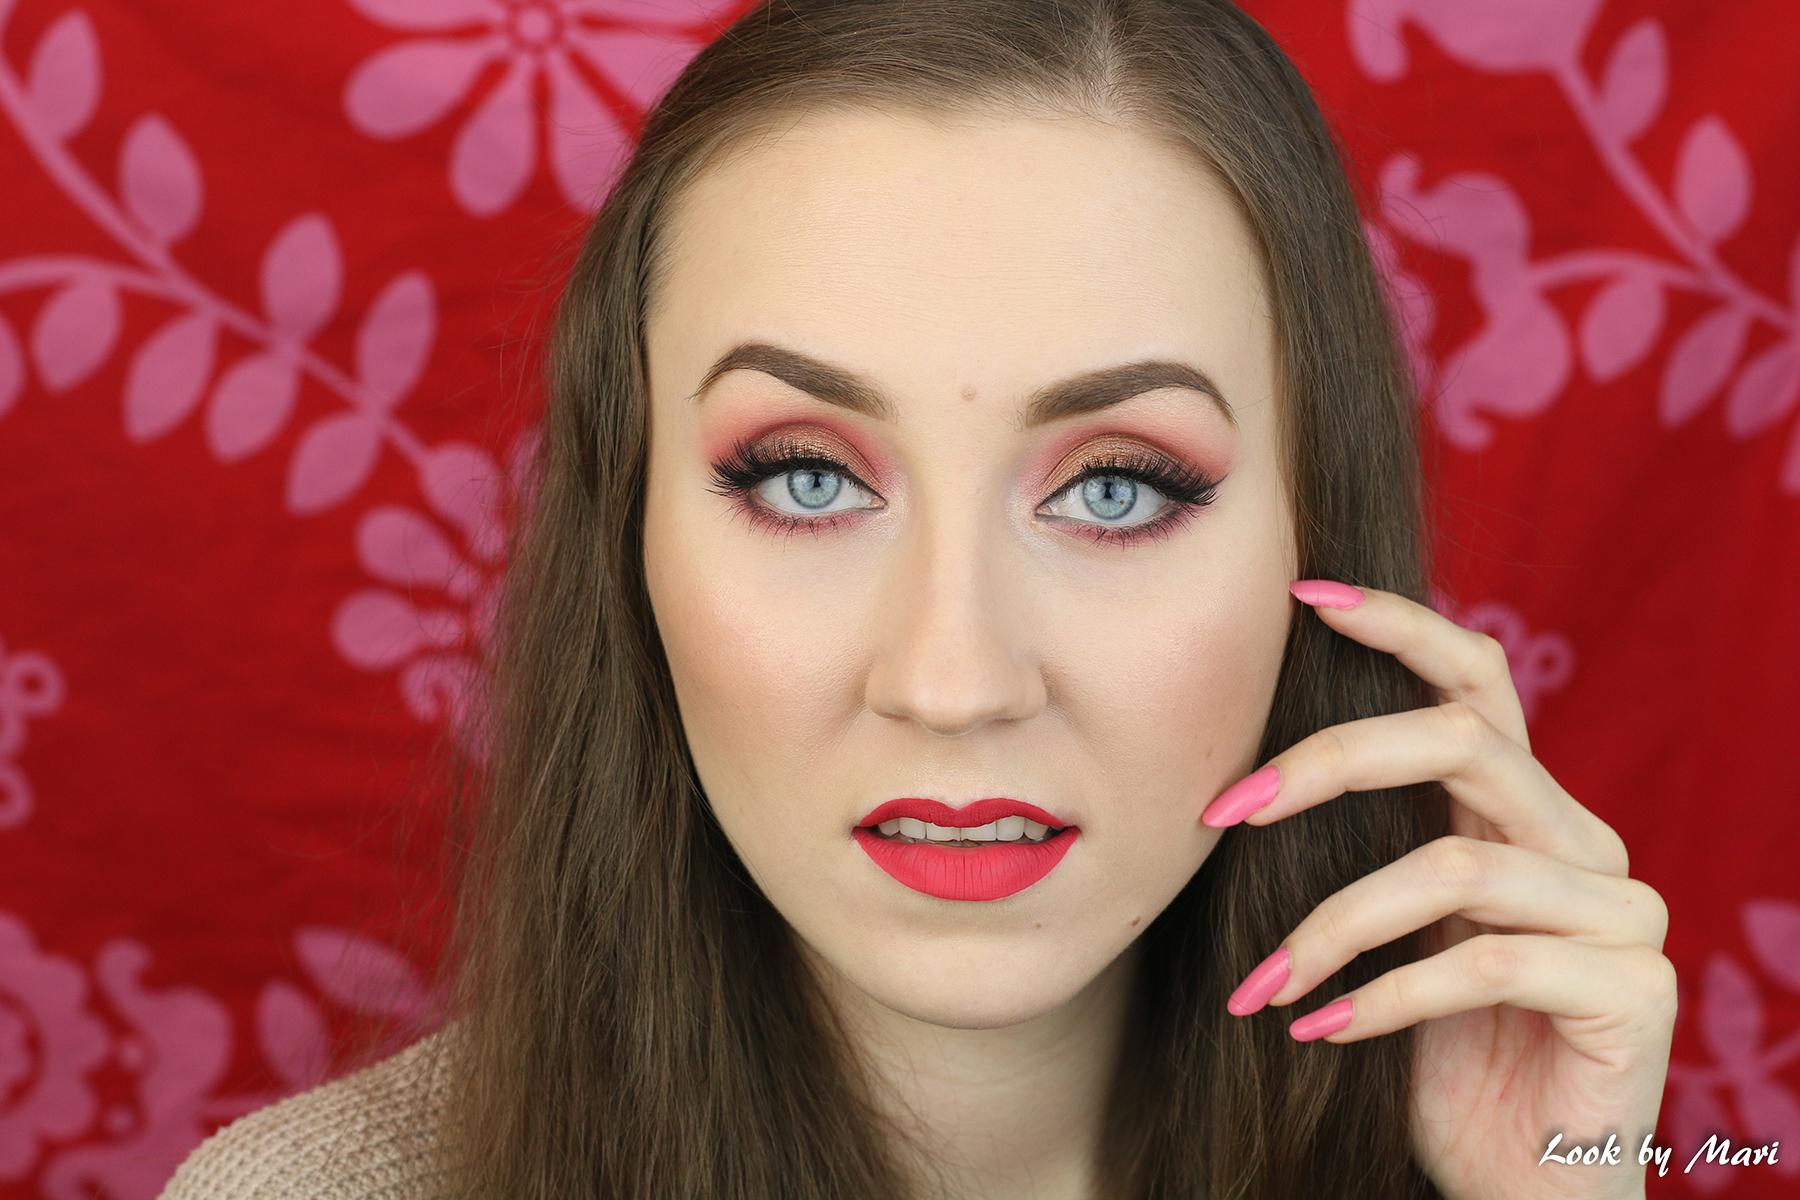 4 ystävänpäivä meikki tutoriaali ideoita värikäs lämpimät sävyt vaaleanpunainen makeup geek luomivärit eyeshadows swatches swatch